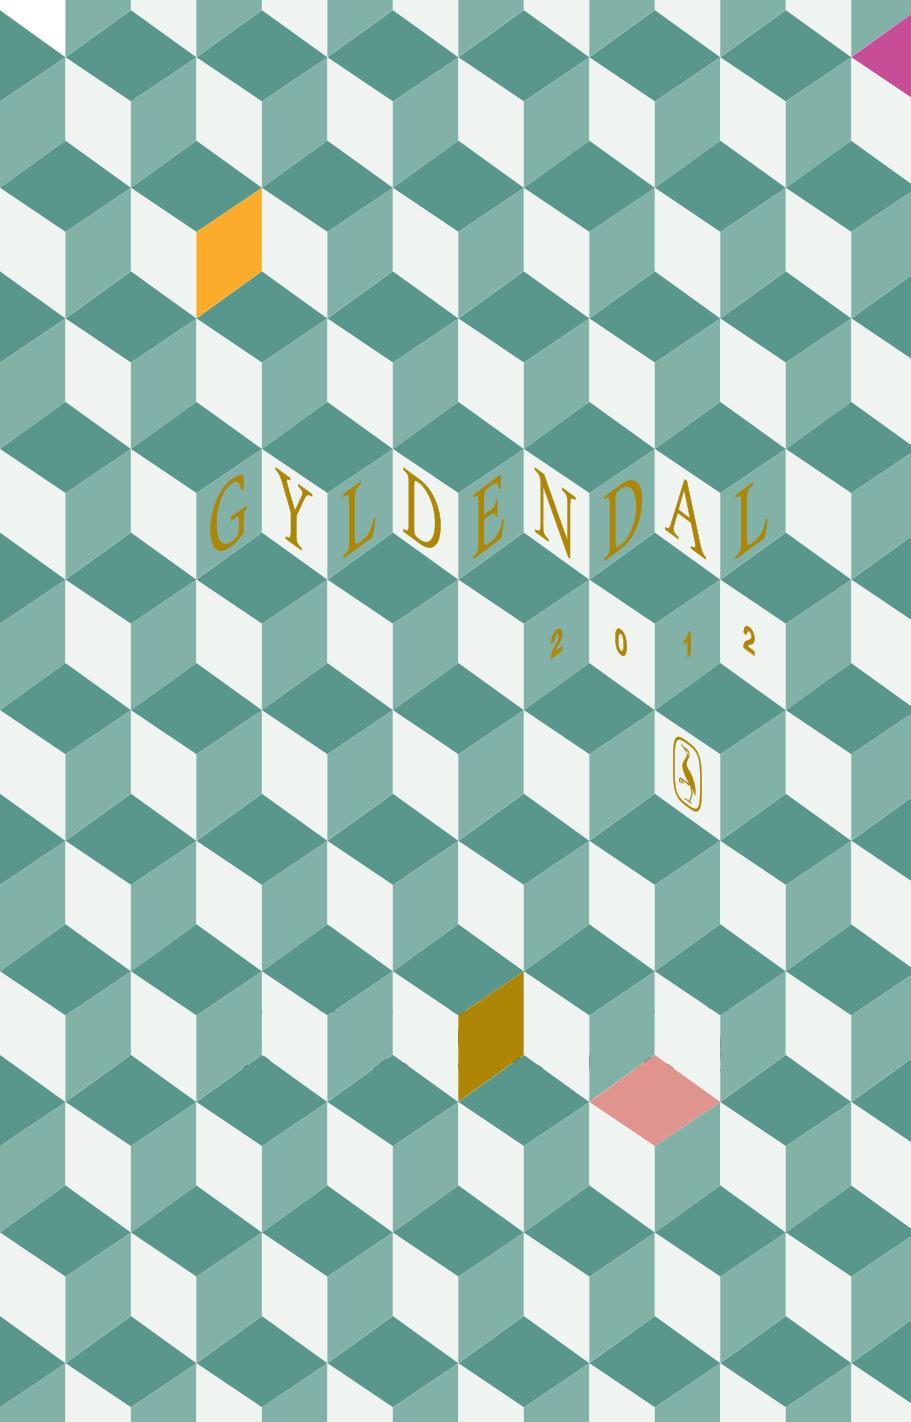 gyldendal-katalog-2012-forside.png